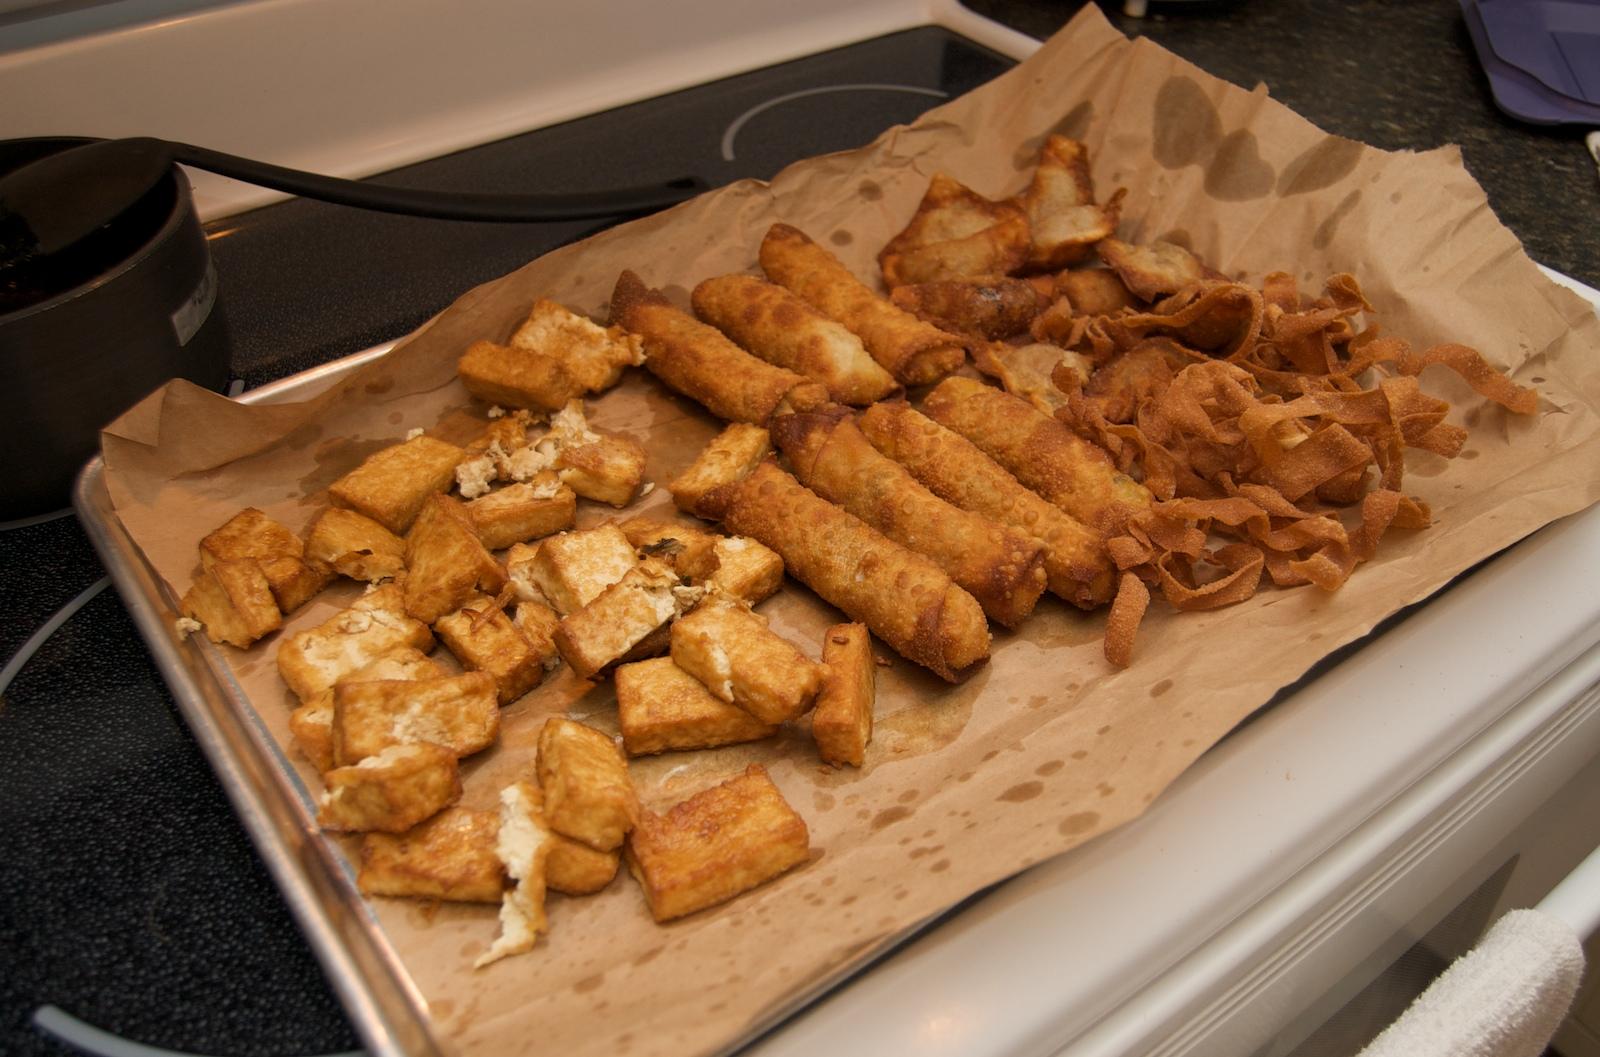 http://blog.rickk.com/food/2010/01/12/DSC_0023.jpg